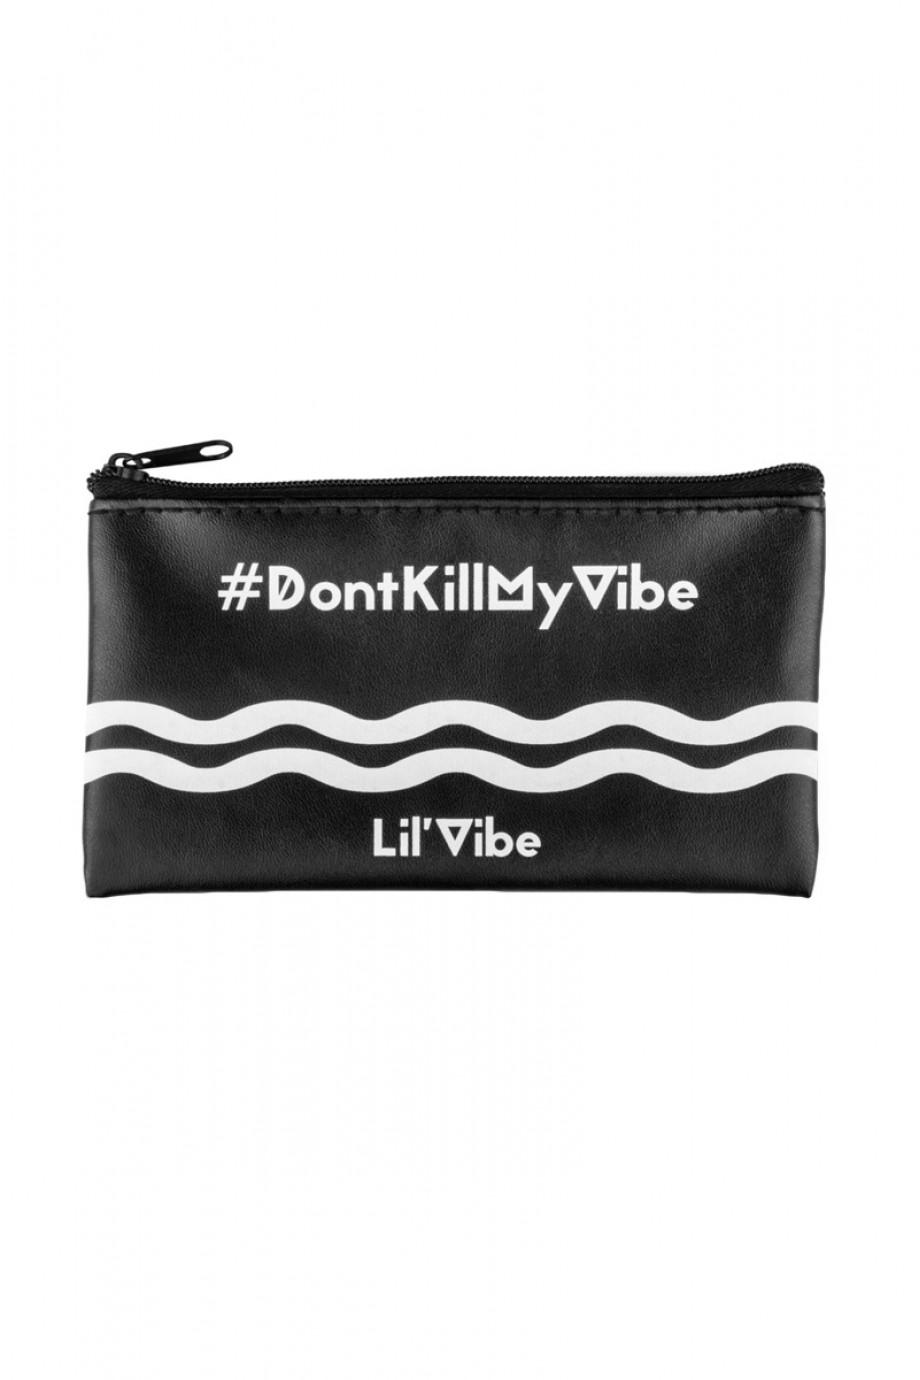 Вибратор Lil'Vibe, 10 режимов вибраций, силикон, розовый, 10 см